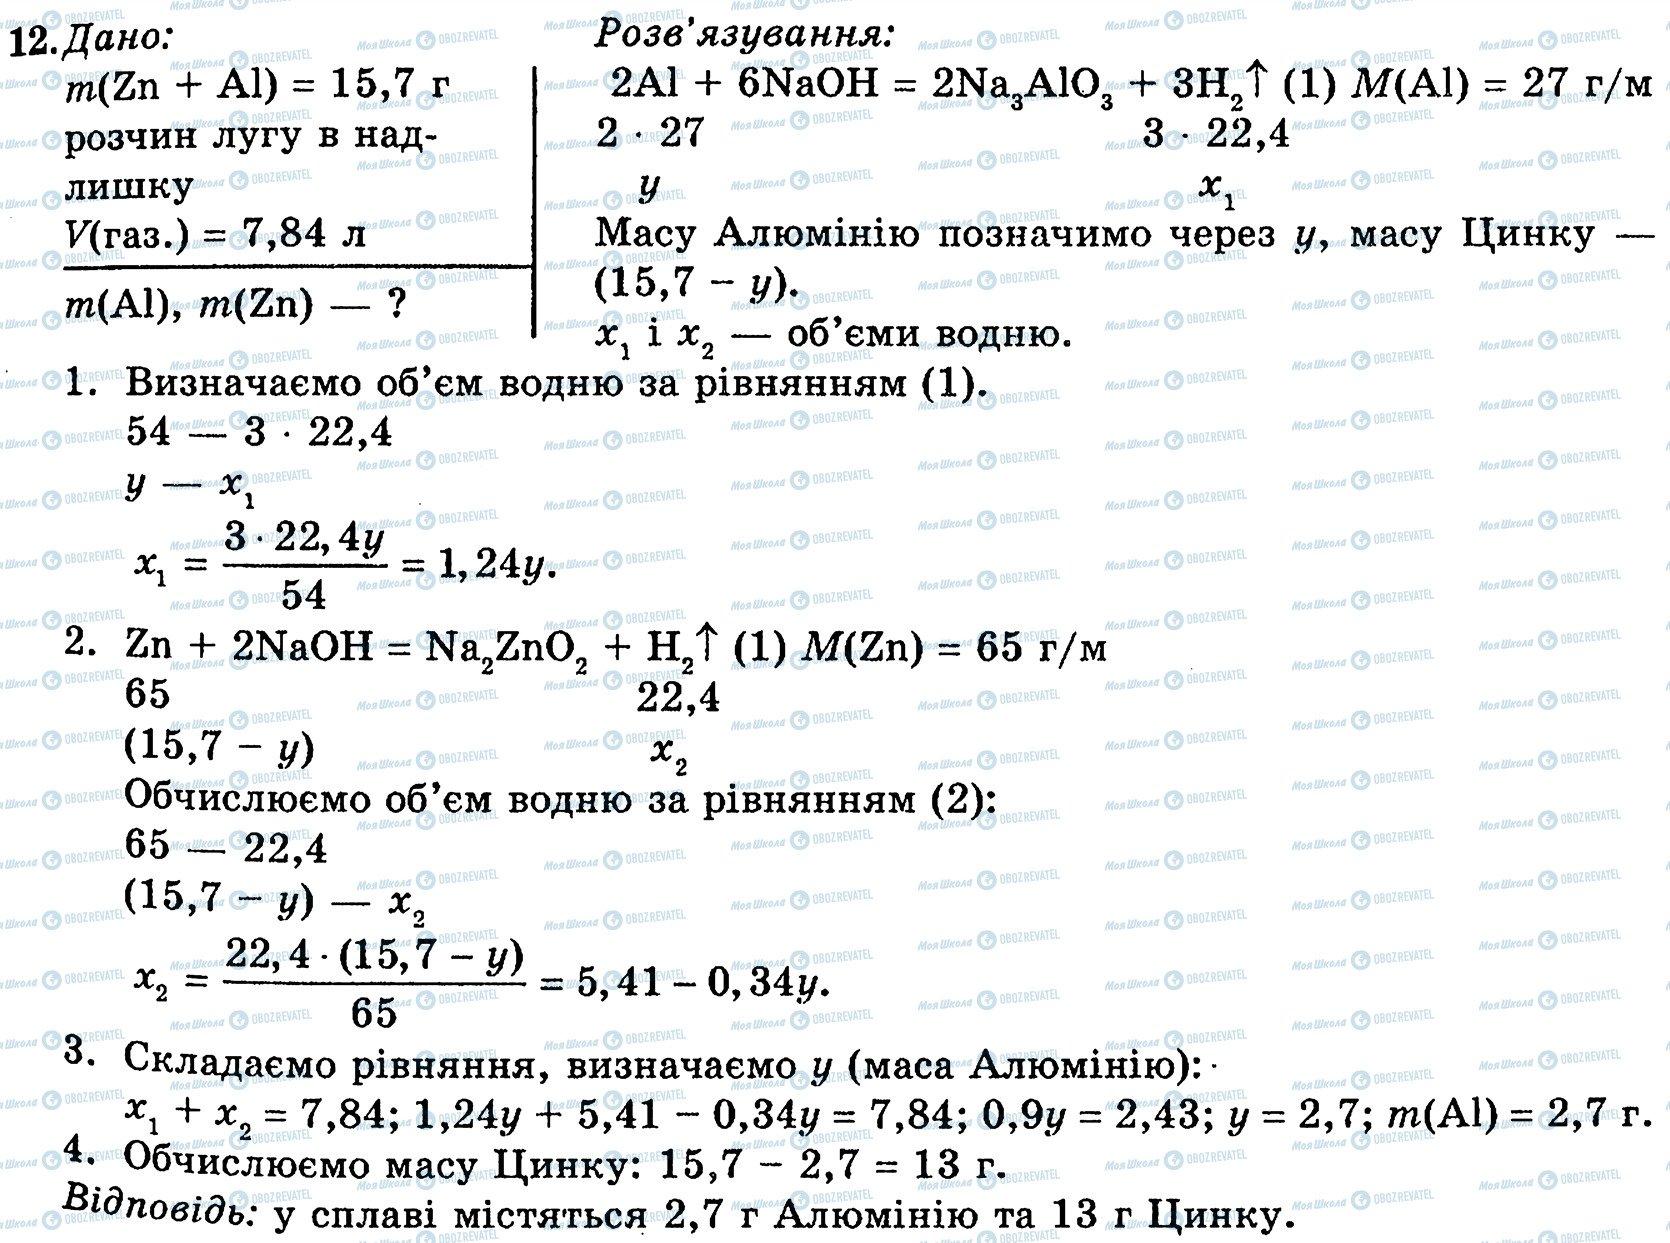 ГДЗ Хімія 10 клас сторінка 12